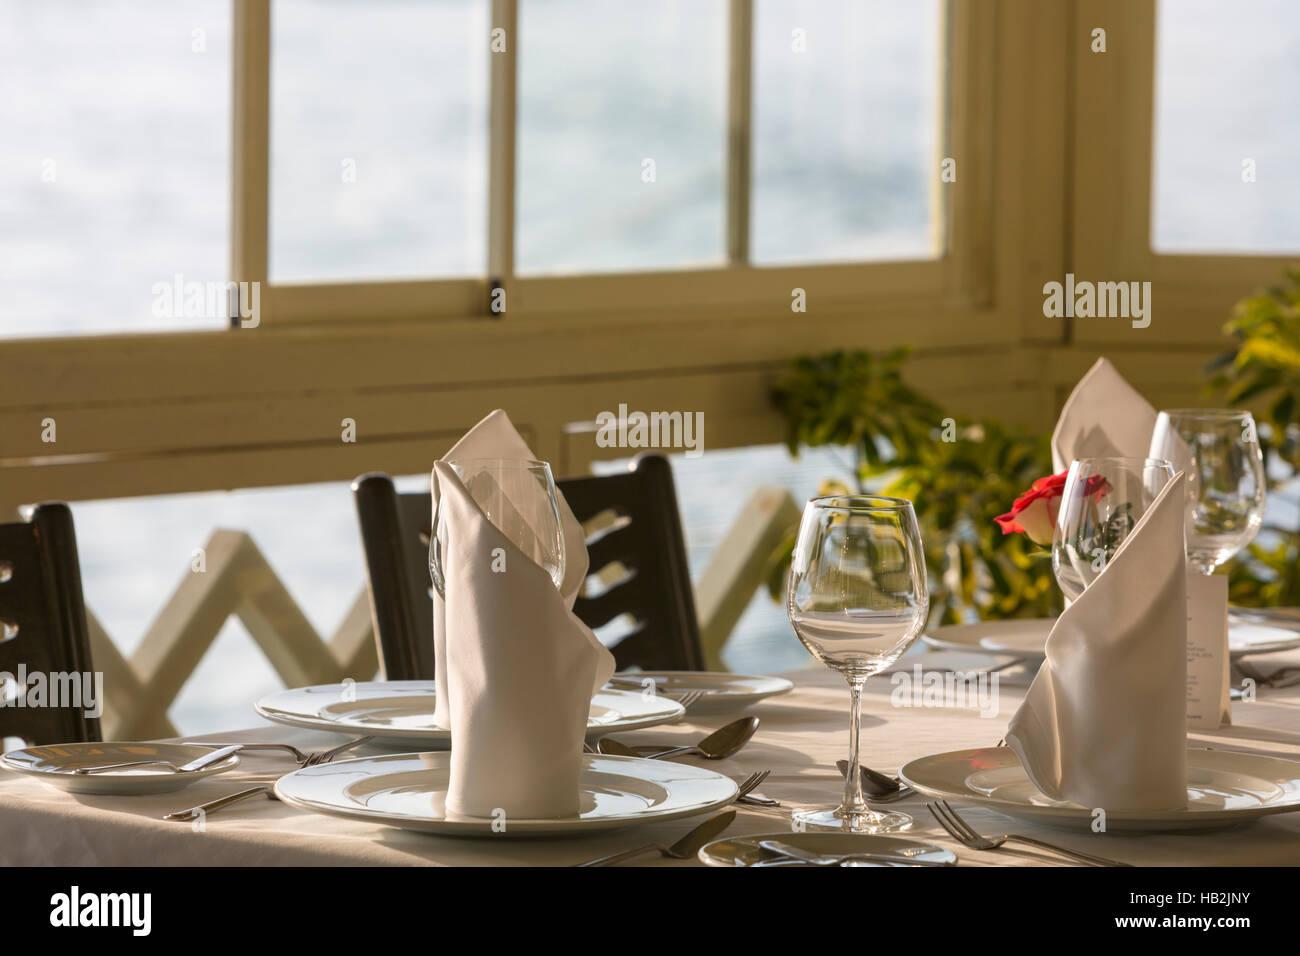 Fine restaurant dinner table place setting napkin \u0026 wineglass Peru & Fine restaurant dinner table place setting: napkin \u0026 wineglass Peru ...